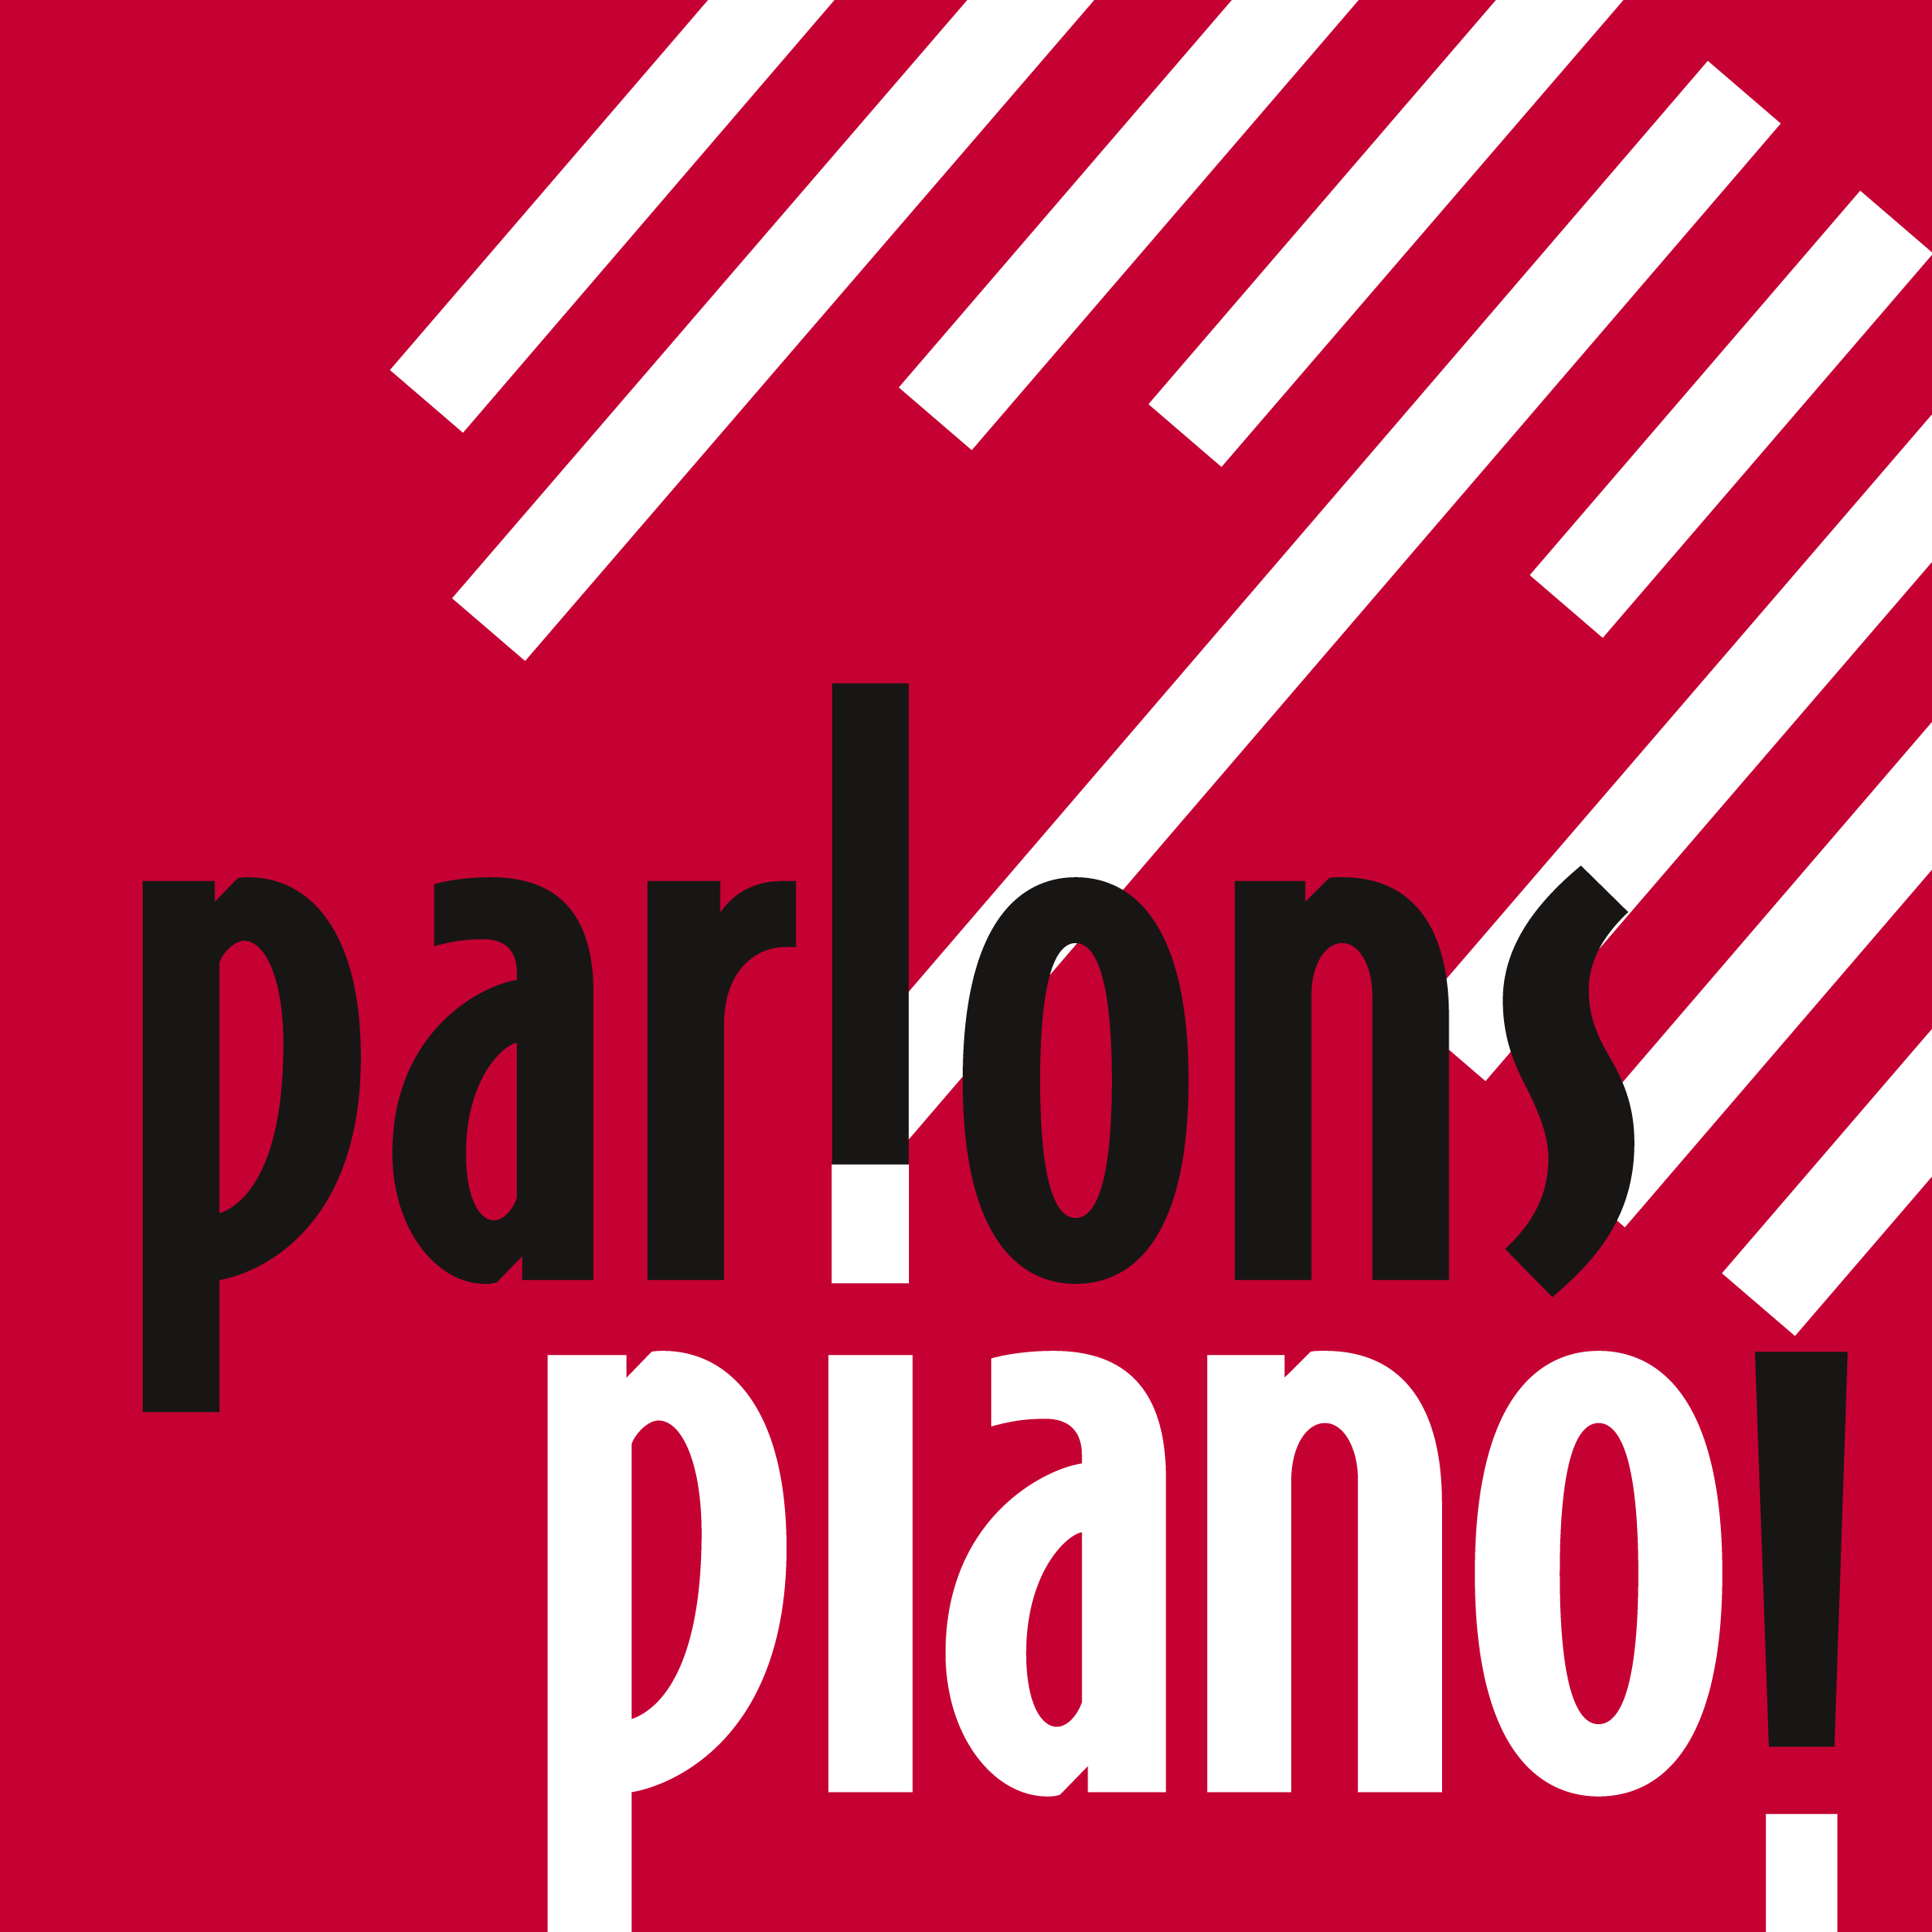 parlons piano petites annonces cours de piano achat et vente de pianos. Black Bedroom Furniture Sets. Home Design Ideas